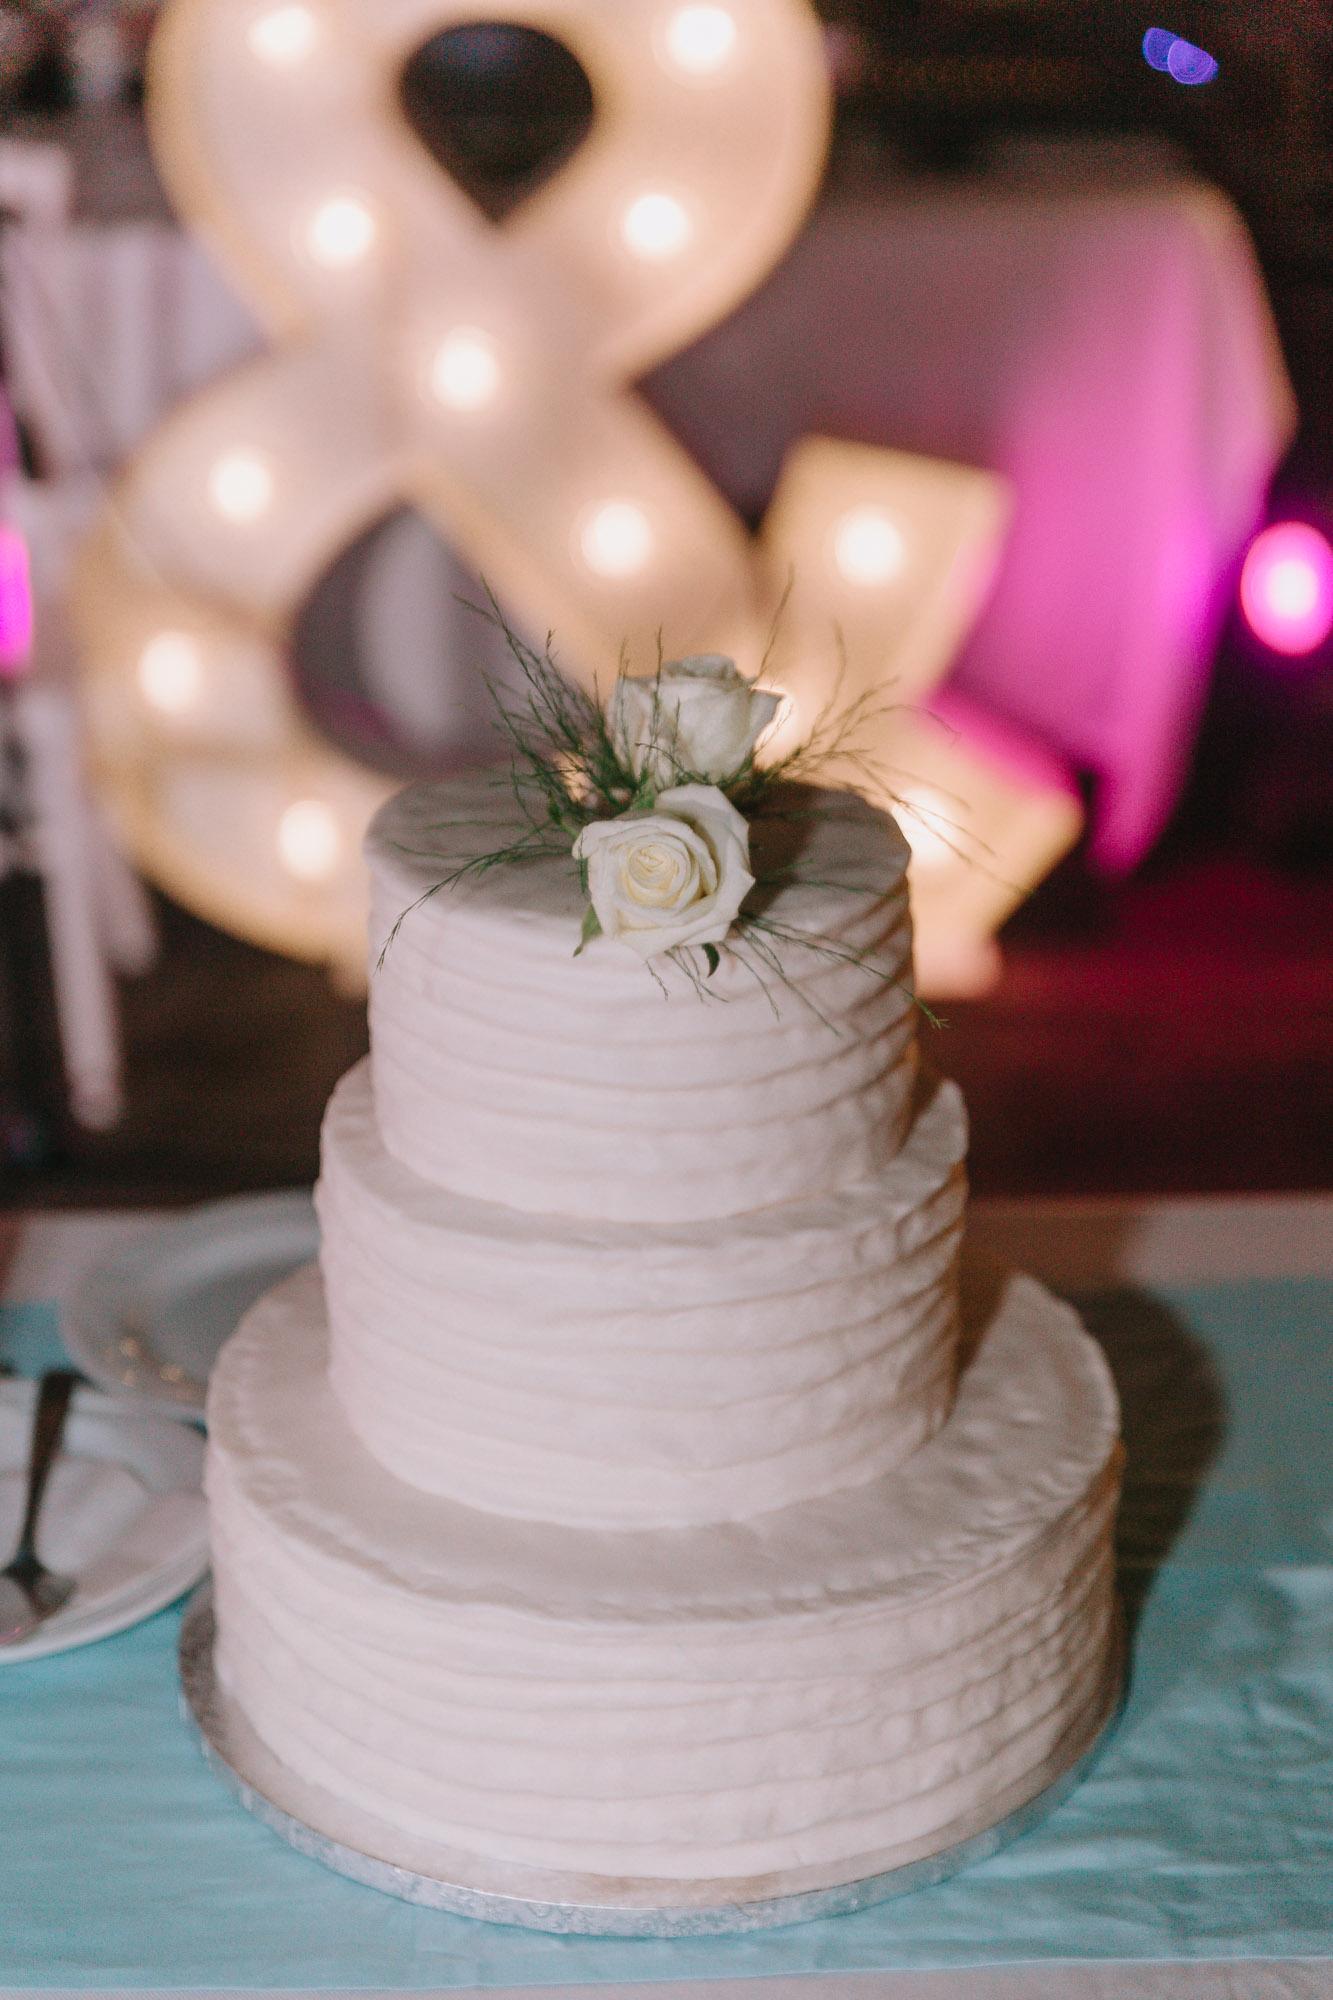 Λευκή τριόροφη τούρτα